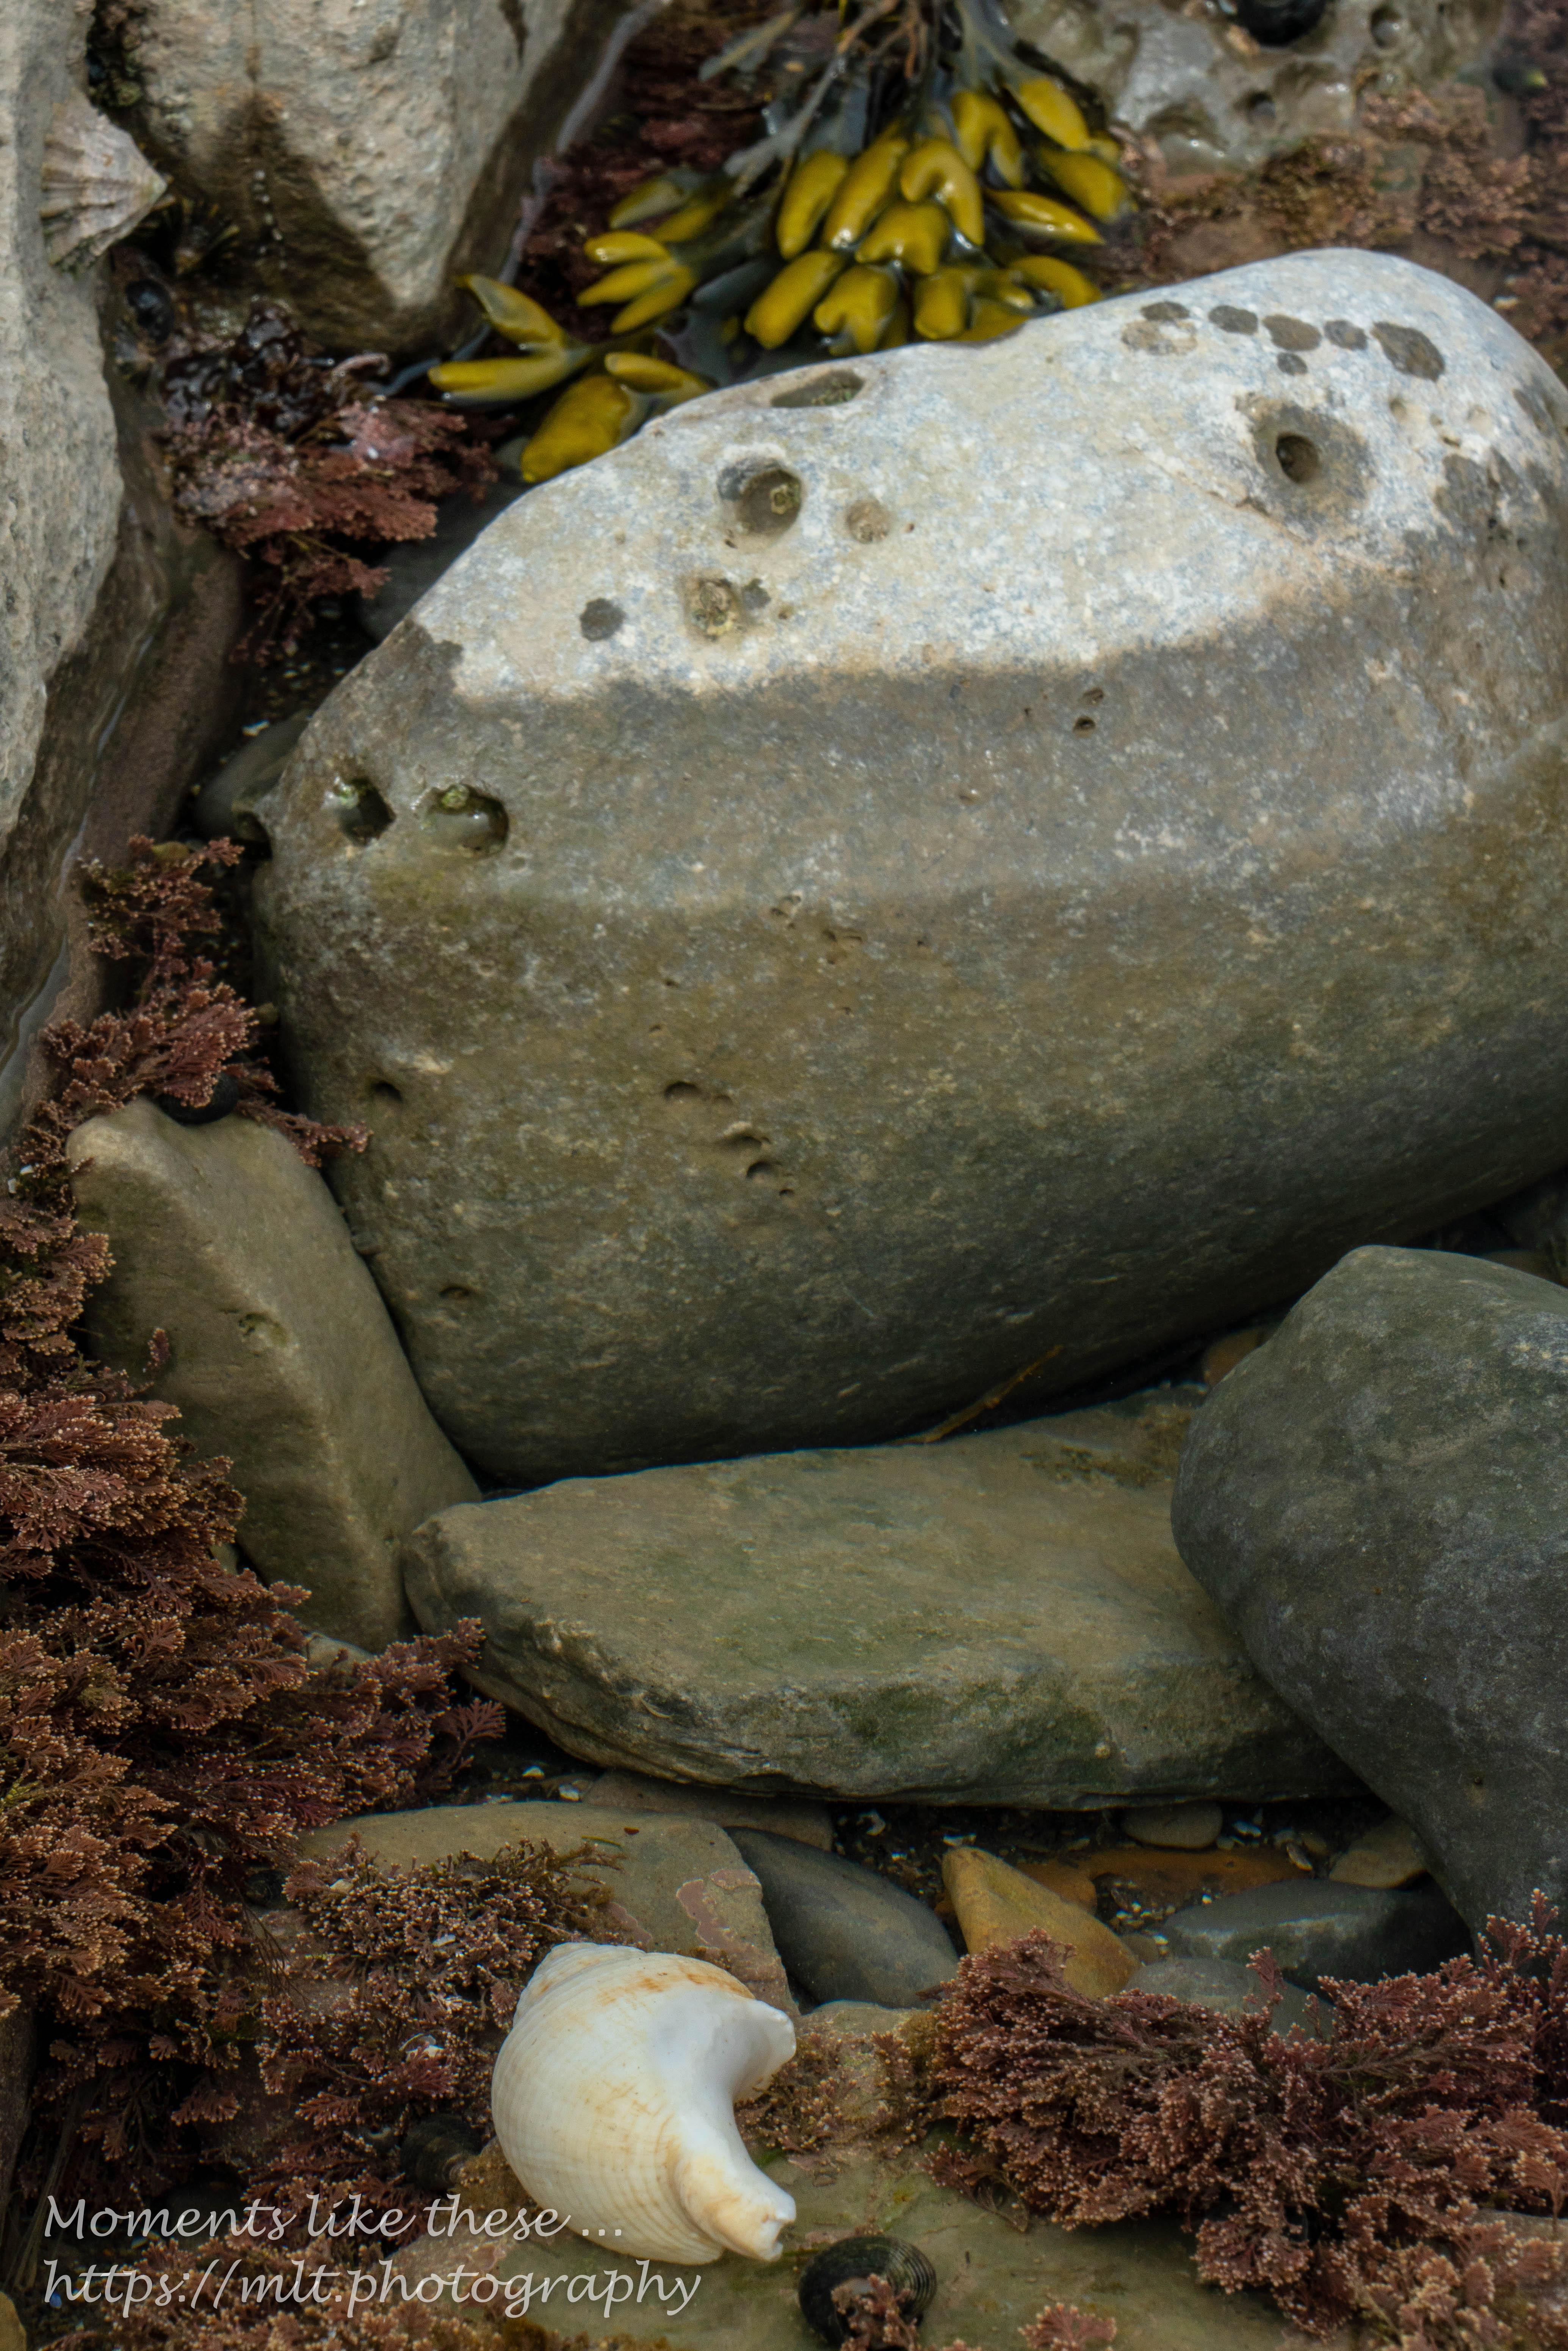 Rock pool textures